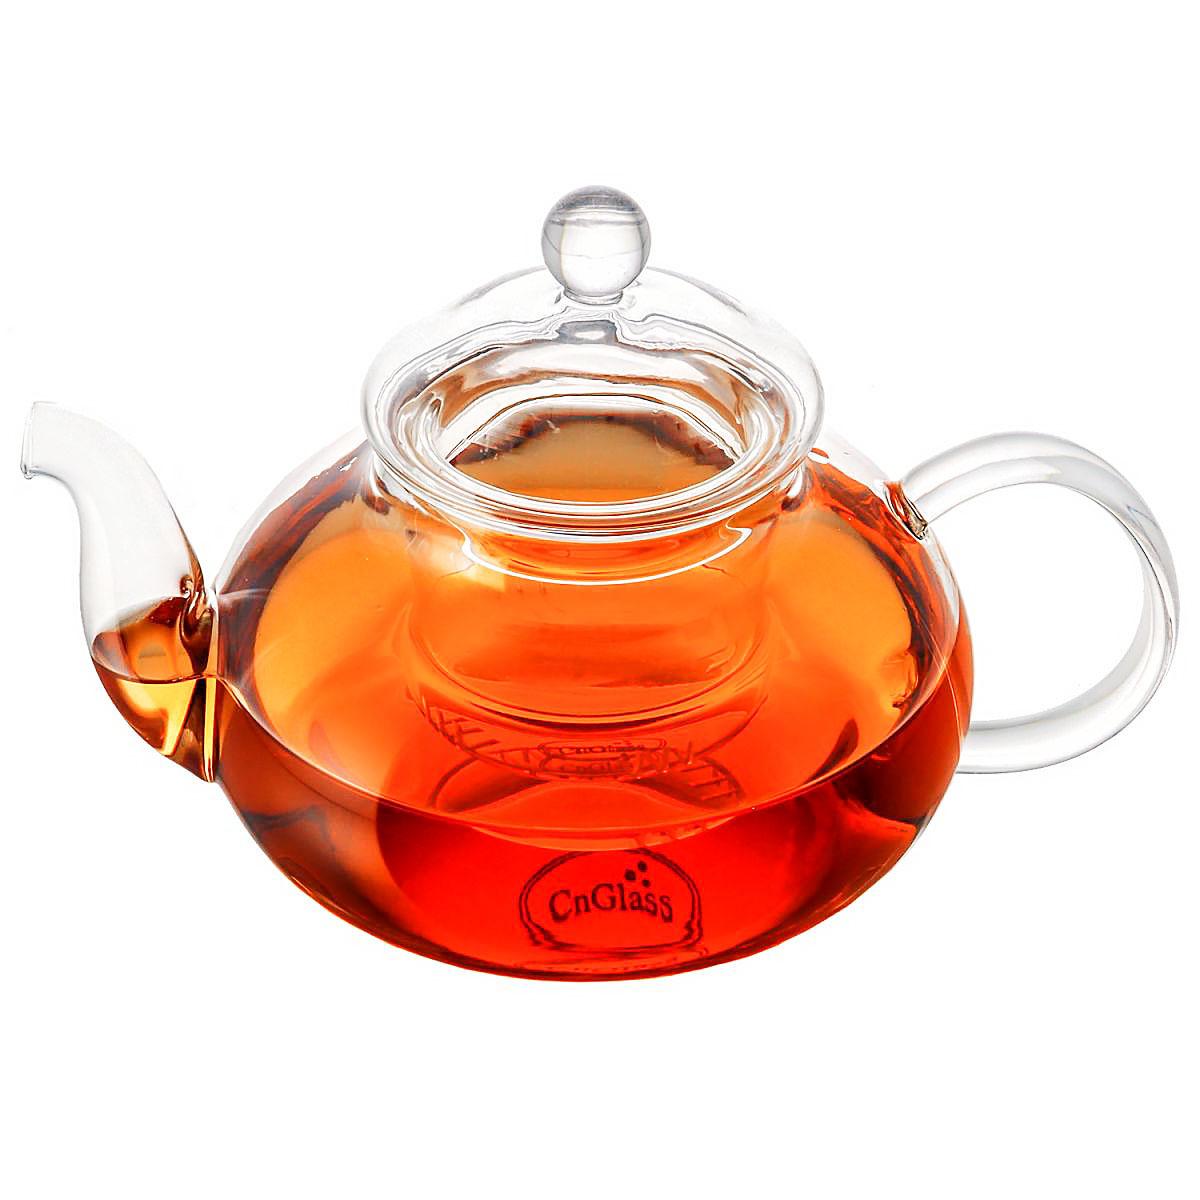 Стеклянный заварочный чайник CnGlass